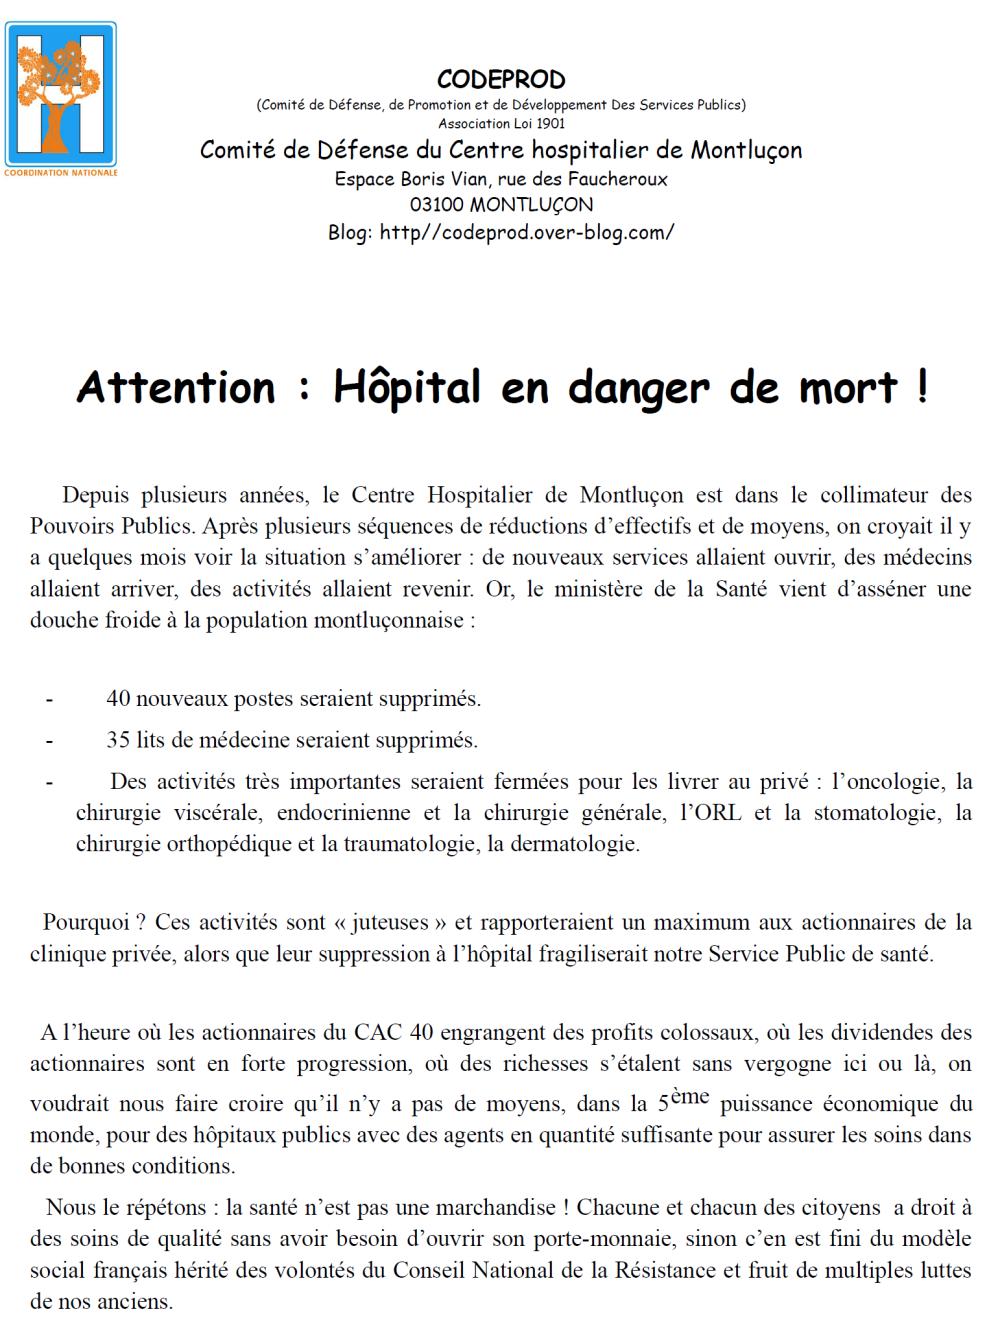 Le Comité de défense de l'hôpital appelle à manifester aux côtés des syndicats